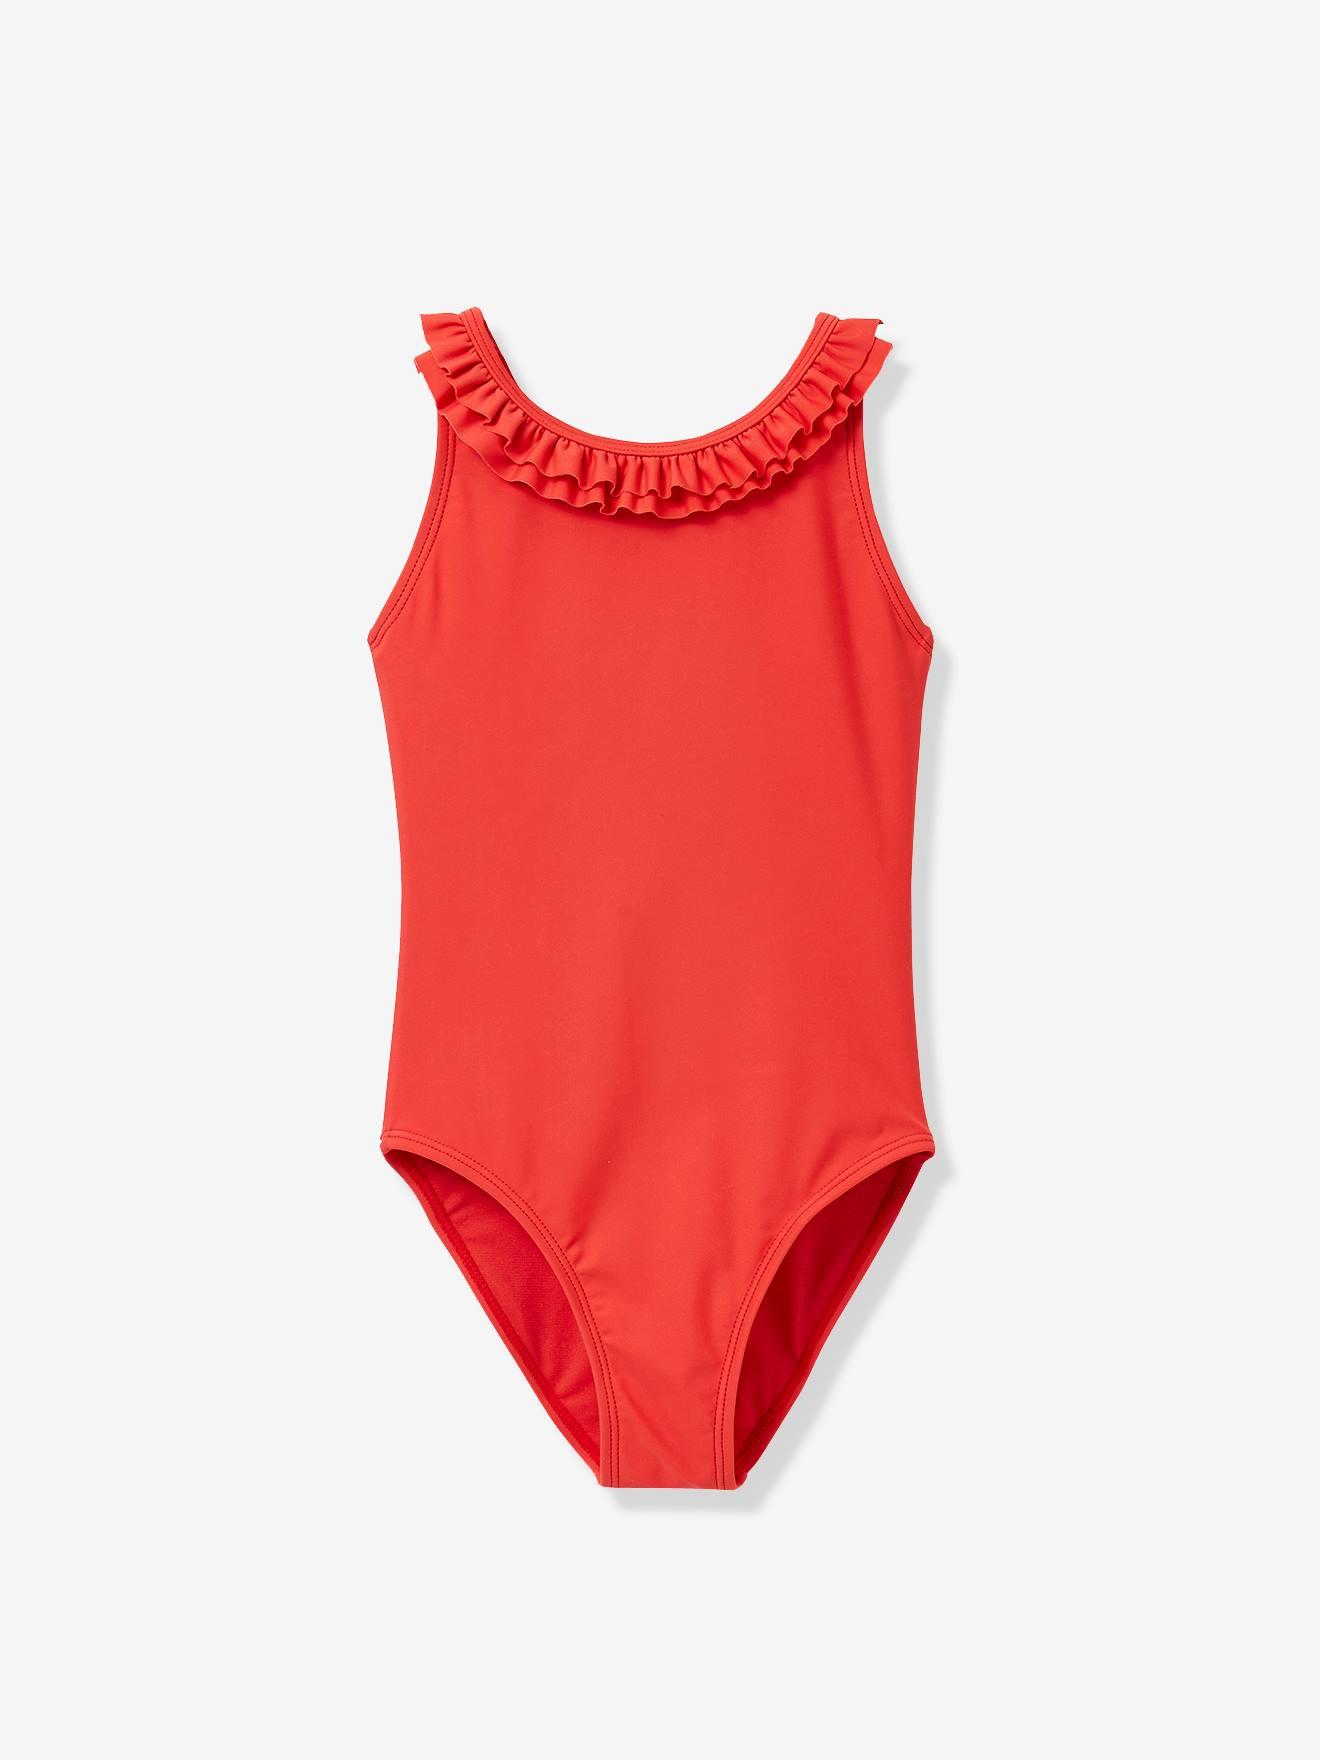 Maillot de bain 1 pièce fille CYRILLUS rouge